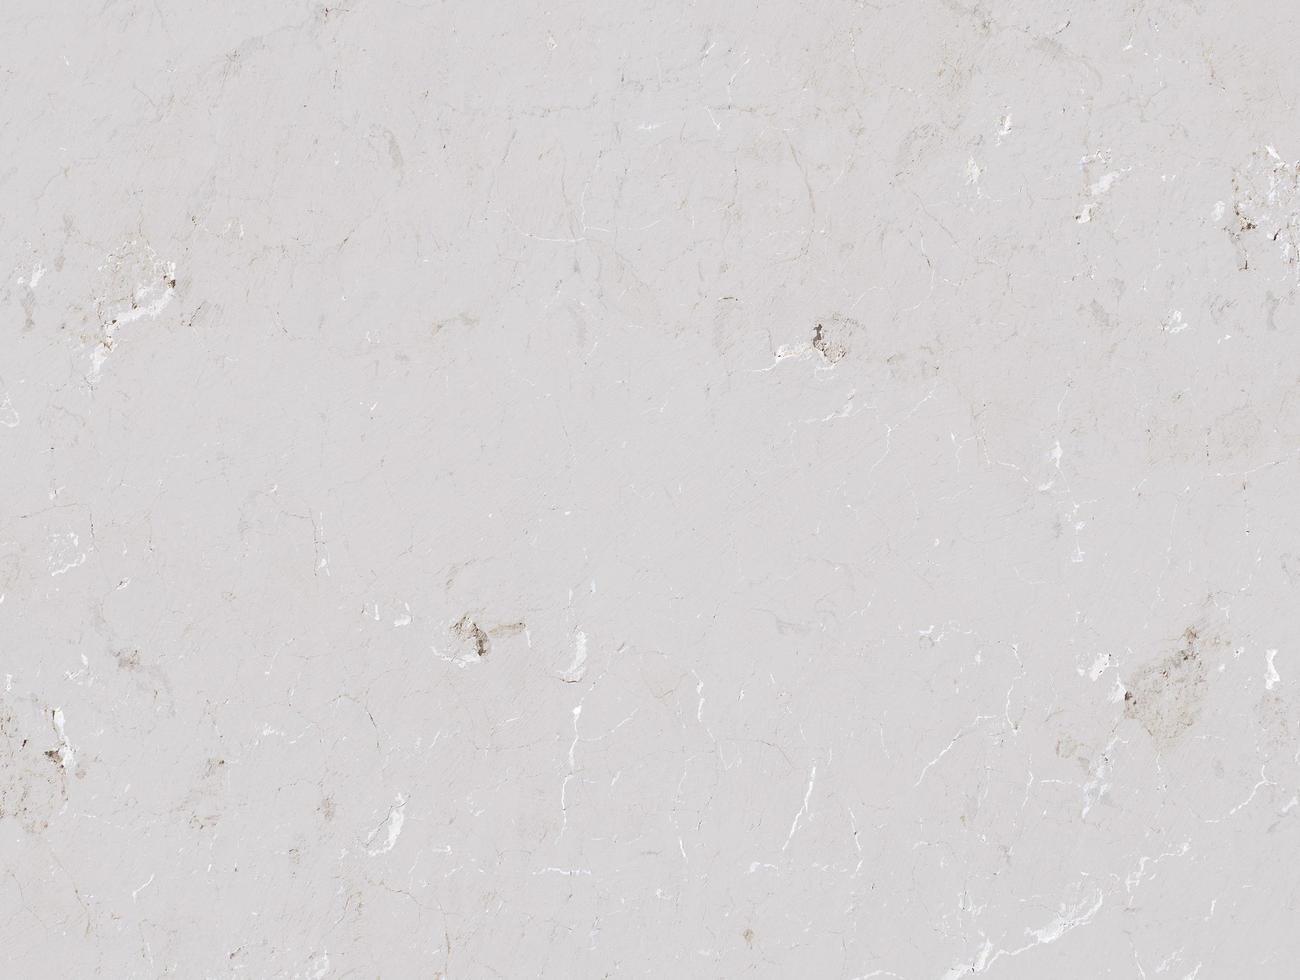 Neutral wall texture photo